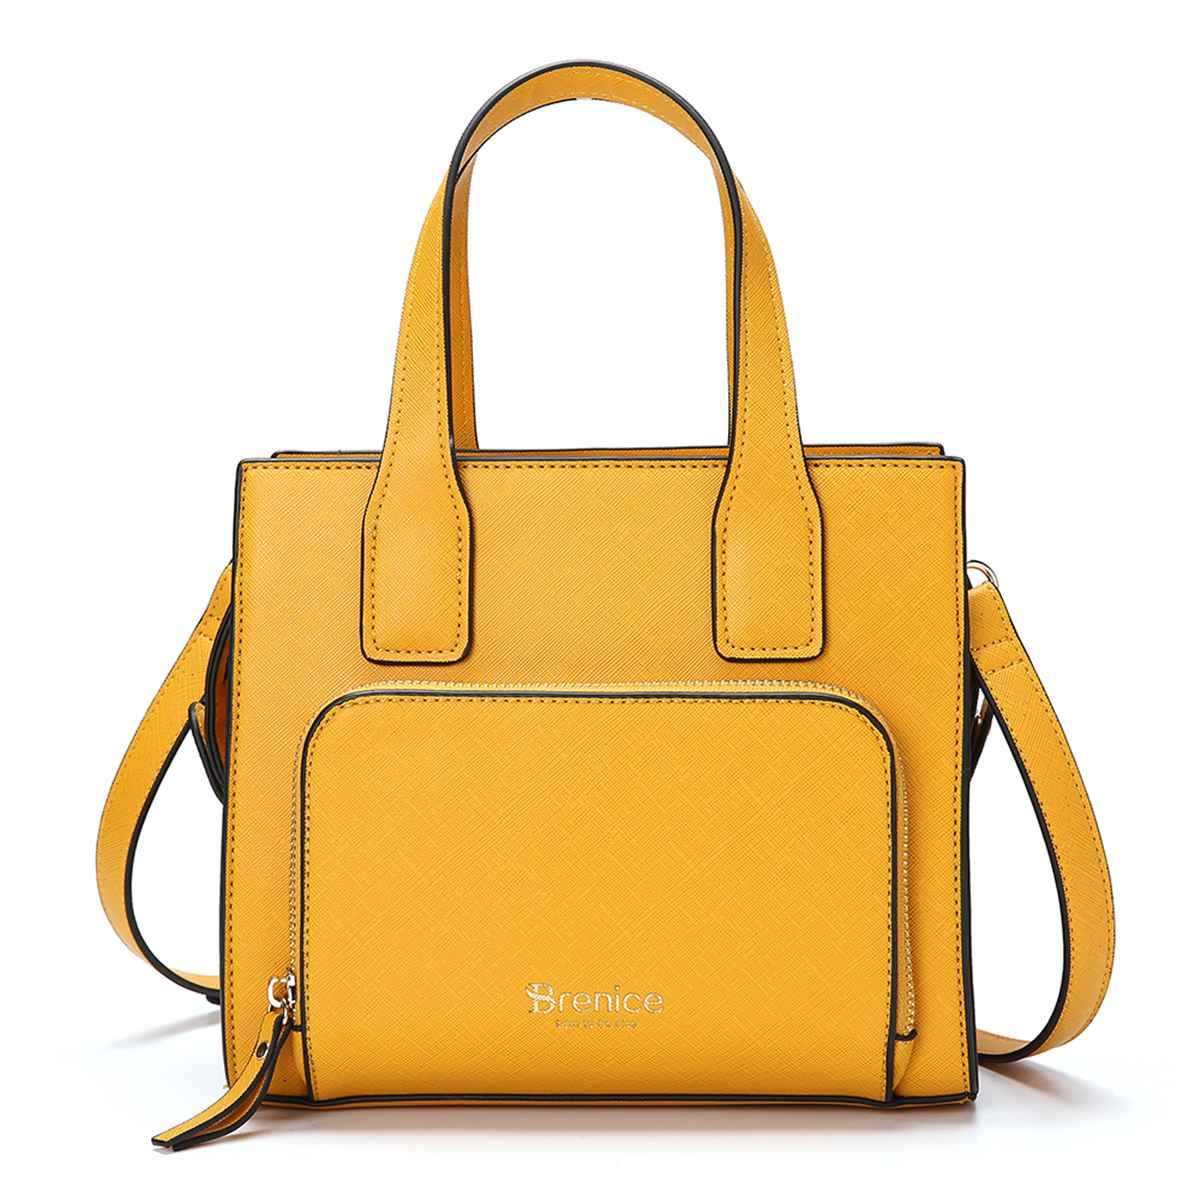 新しい女性ハンドバッグ女性のハンドバッグのファッション整理バッグ革多機能ショルダーバッグクロスボディバッグフェミニンボルサ